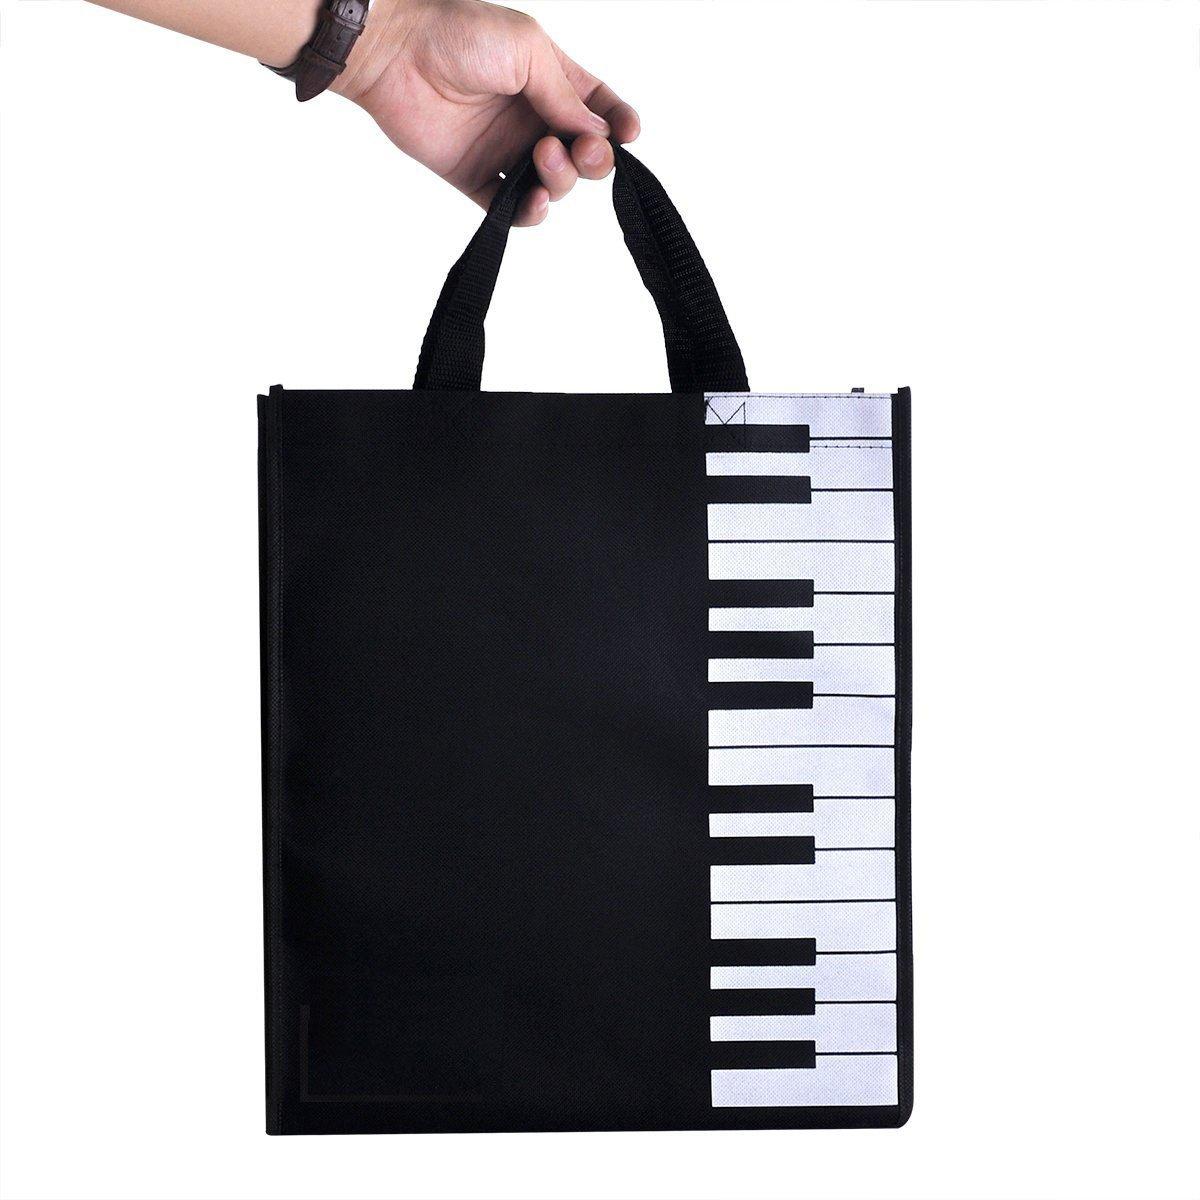 音楽ピアノトートバッグ、bestsounds防水オックスフォード布Reusable Grocery Bag , Best For Toting音楽書籍、スタッフ、ピアノバイオリンレッスン B06WVPF6VN